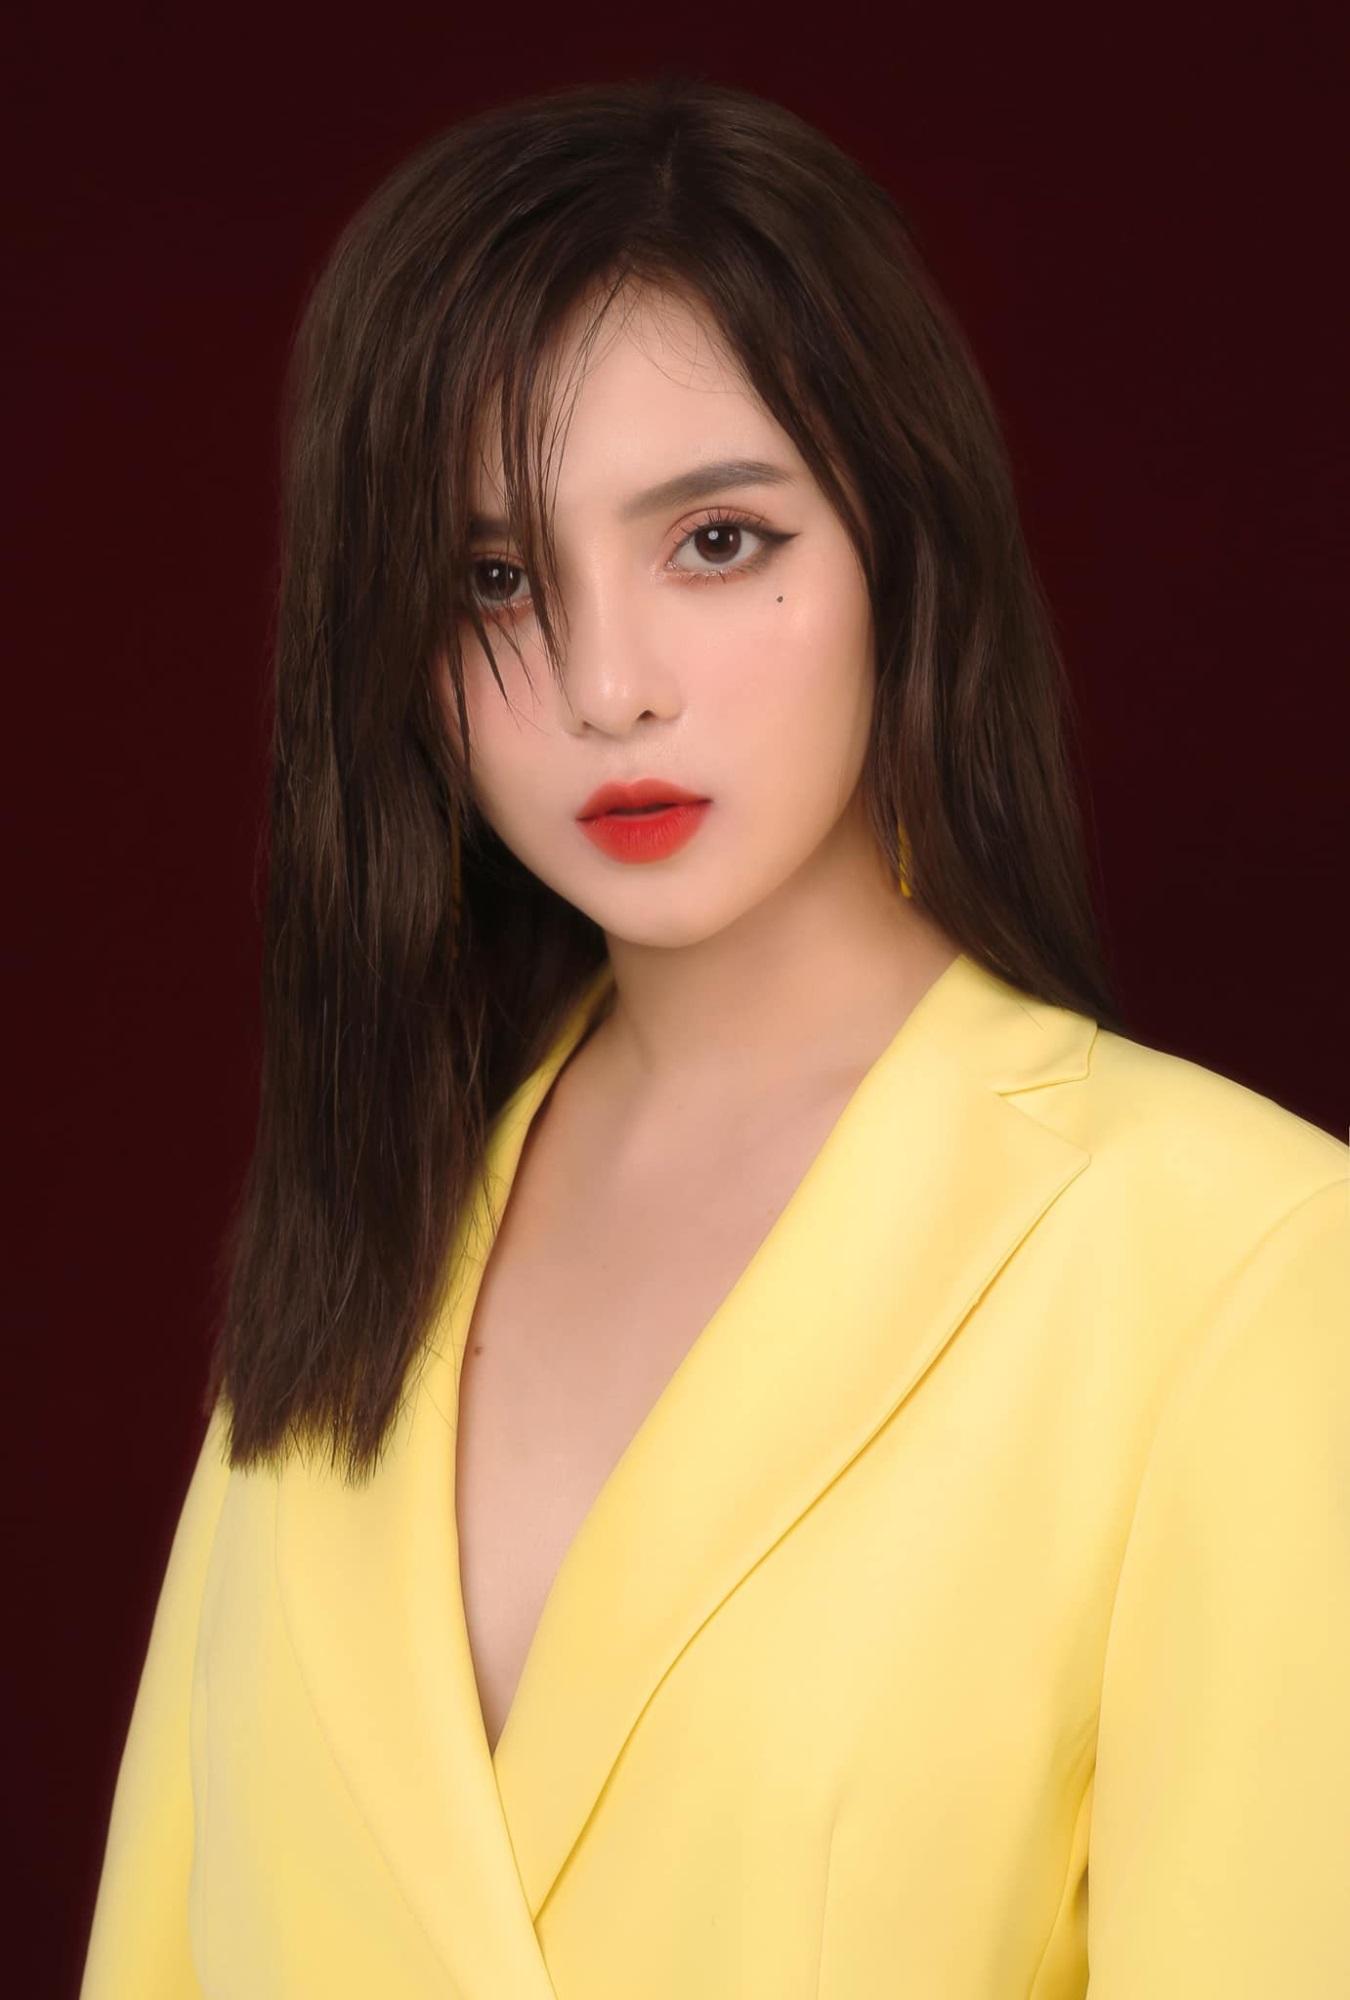 Bị nhầm là hot girl Trung Quốc, nữ MC Tây Ninh được 'săn đón' mọi ngả đường - Ảnh 8